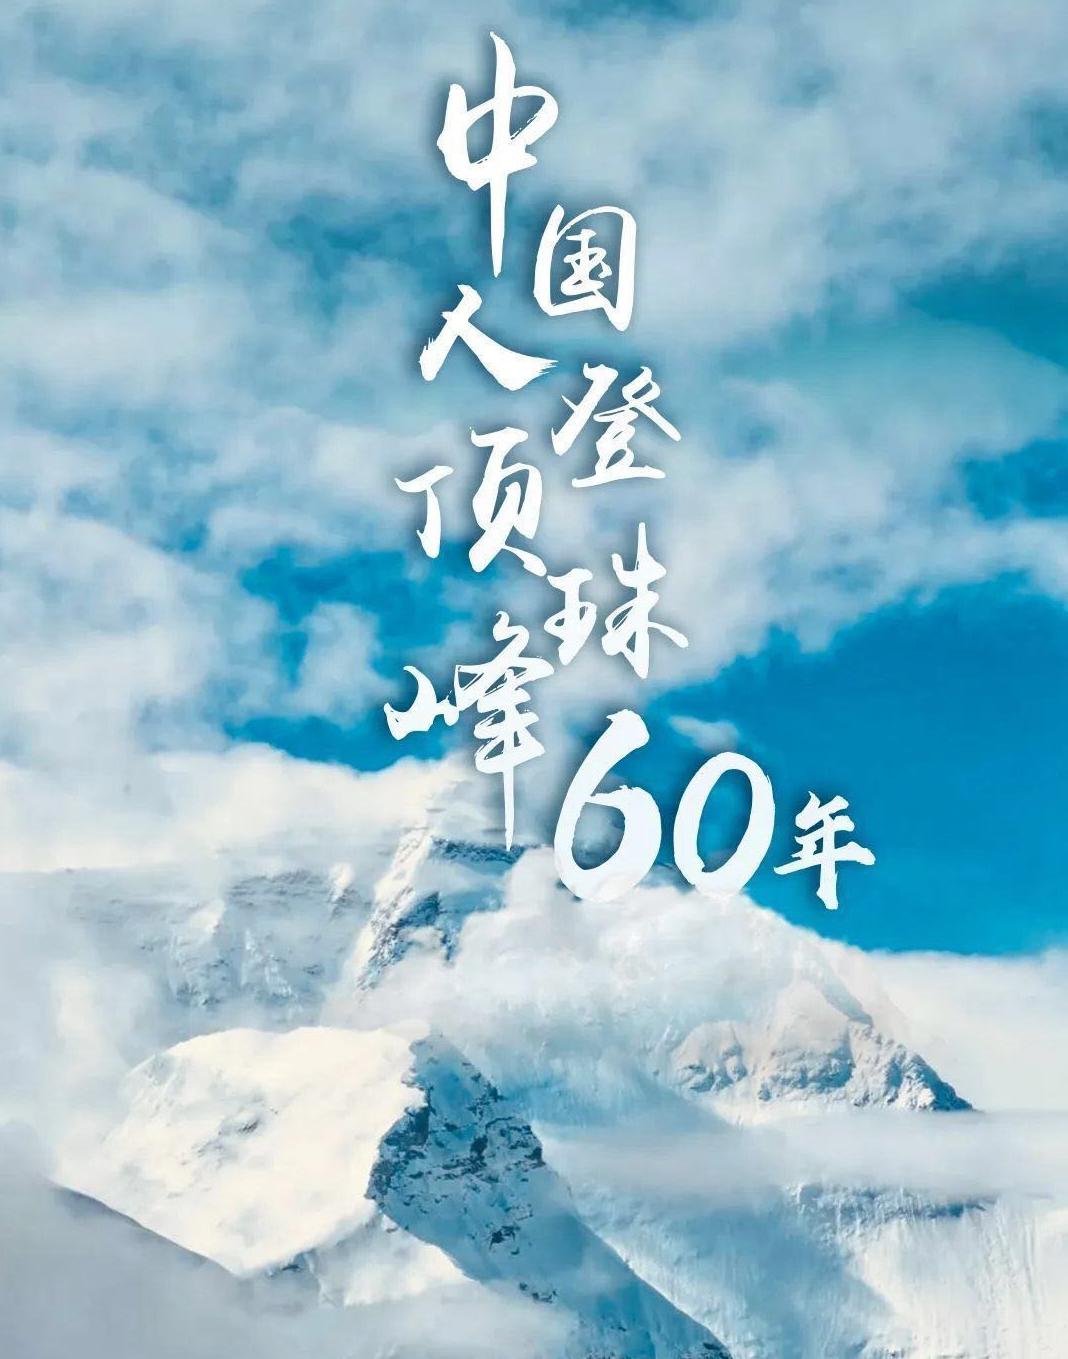 今天,纪念中国人登顶珠峰60周年